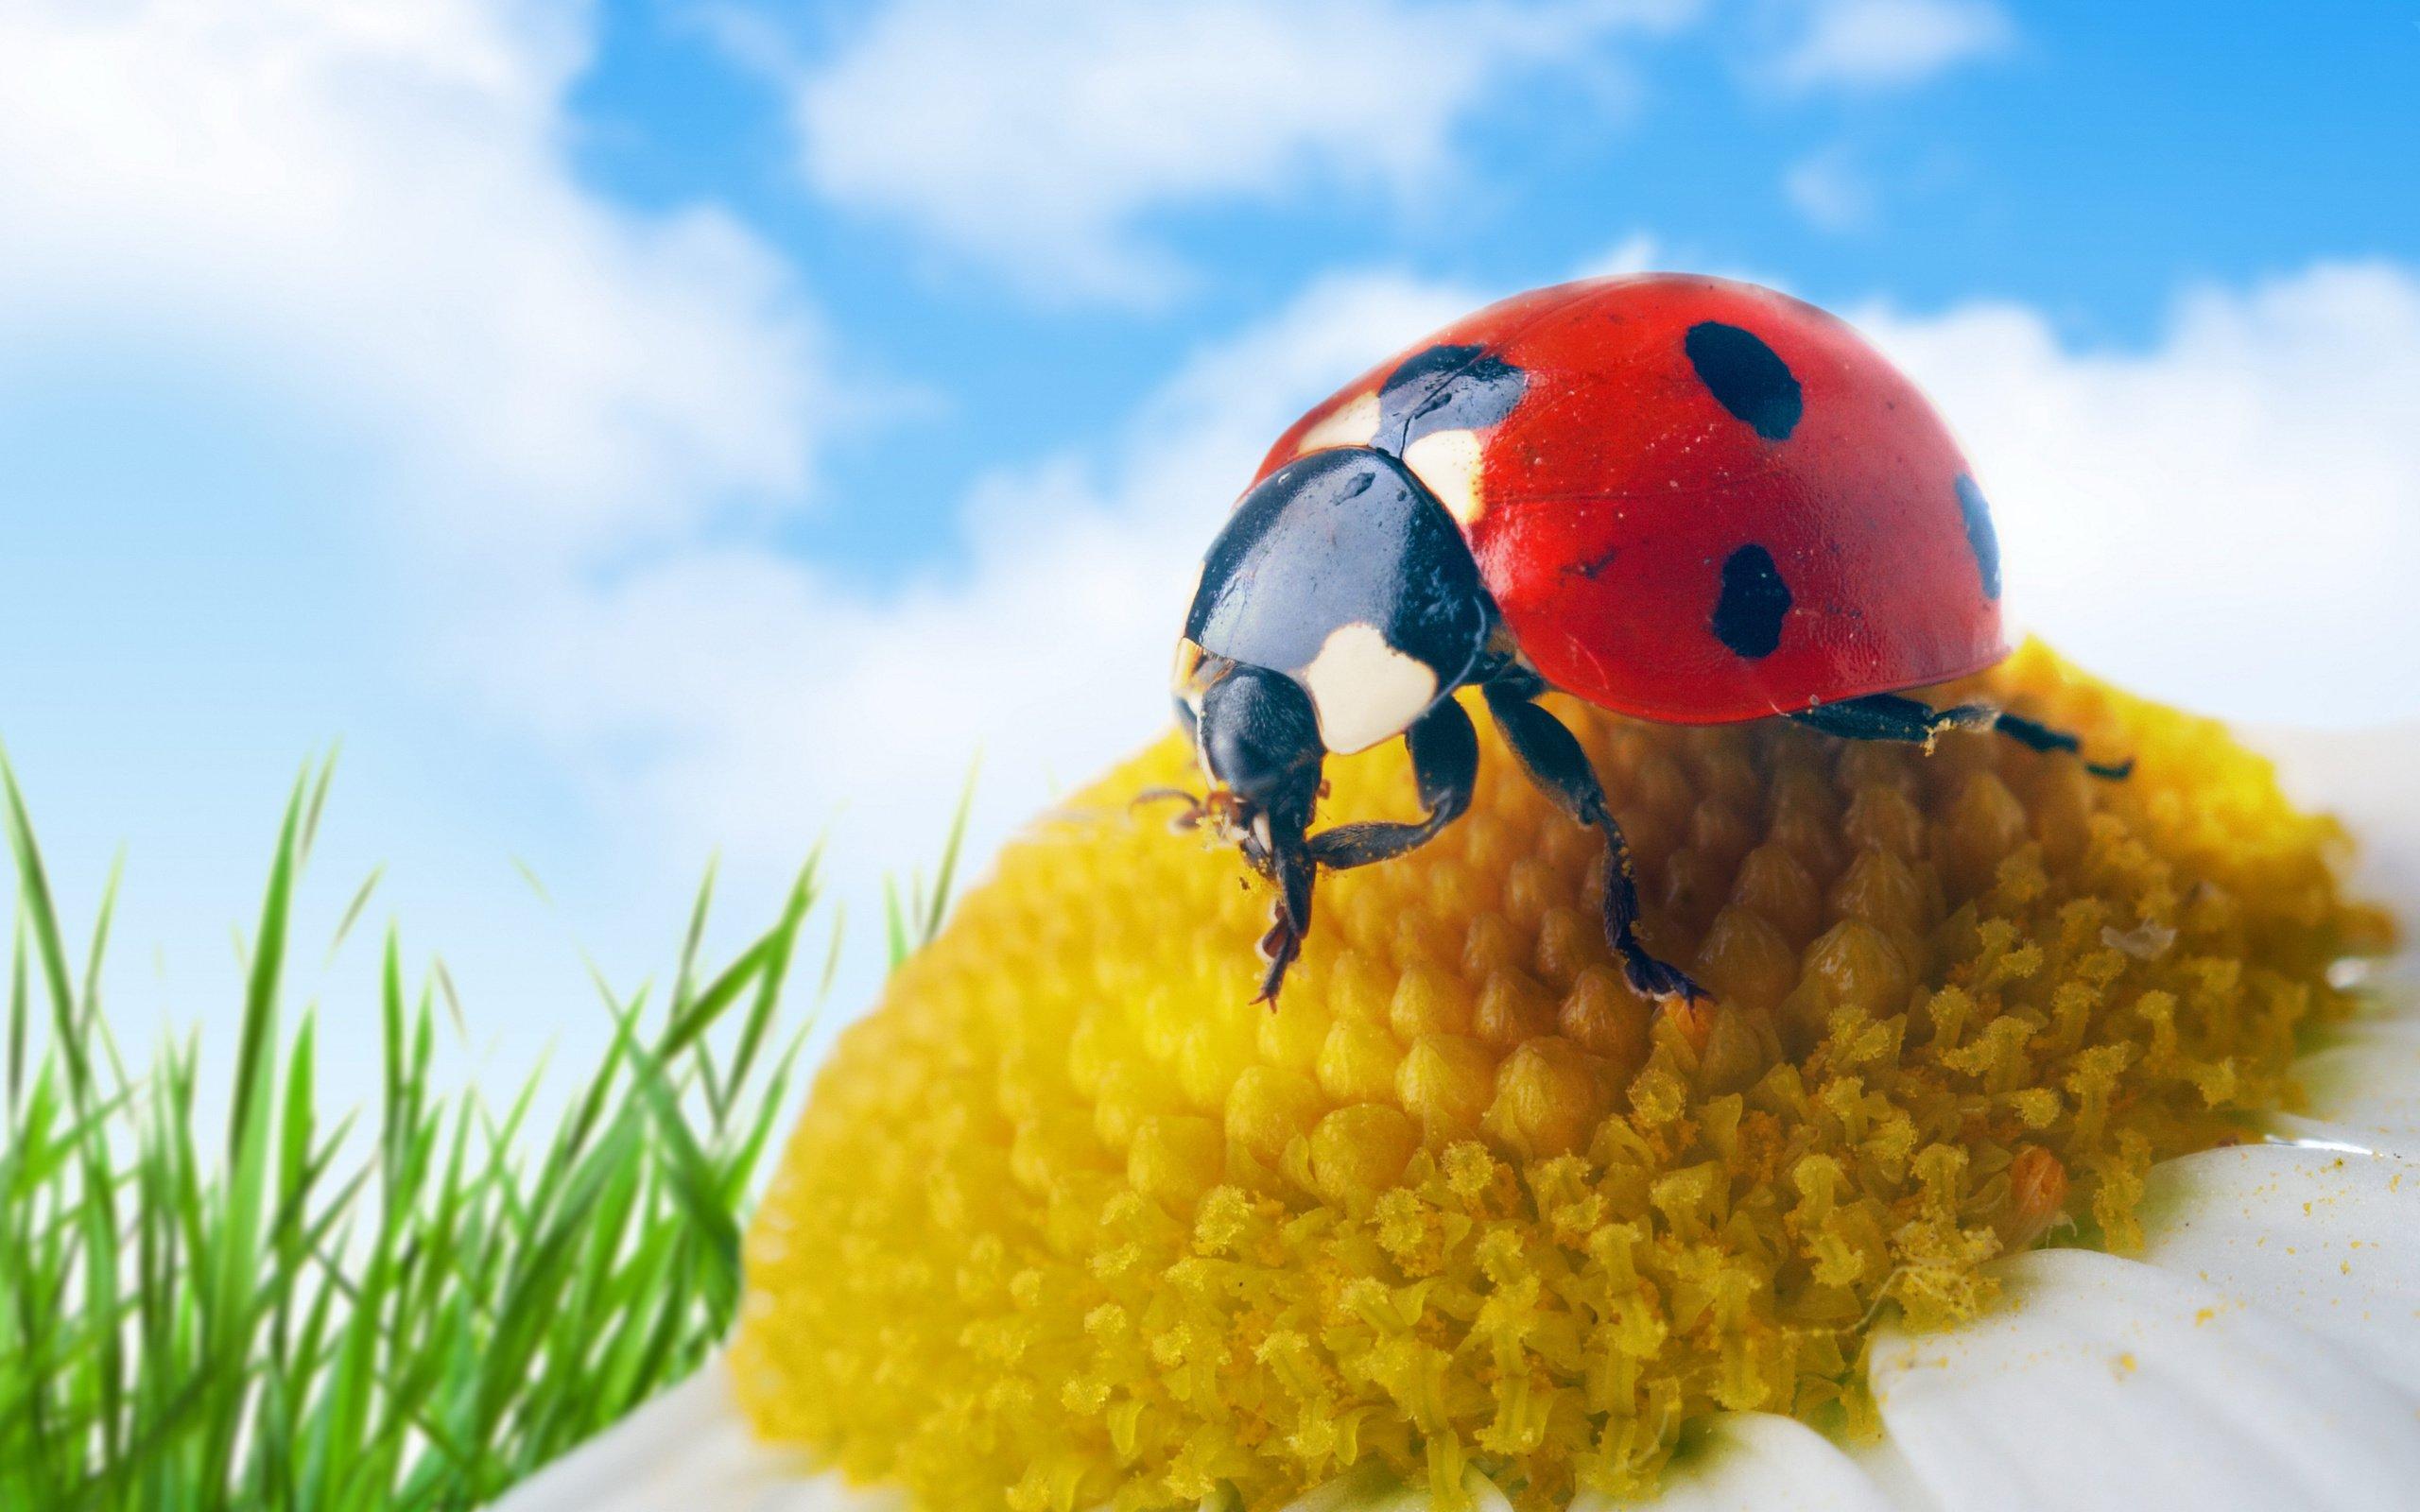 природа божья коровка цветок макро насекомое животное  № 3856316 бесплатно